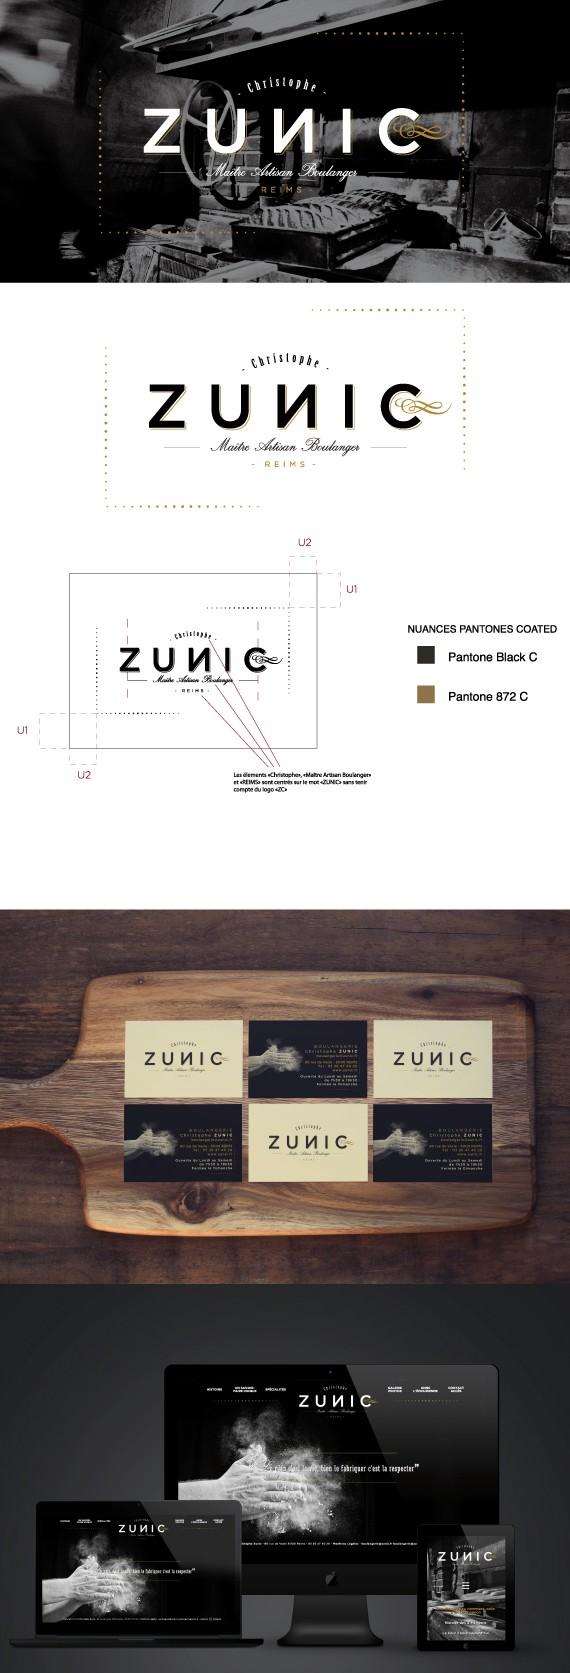 Maquette Boulangerie Zunic